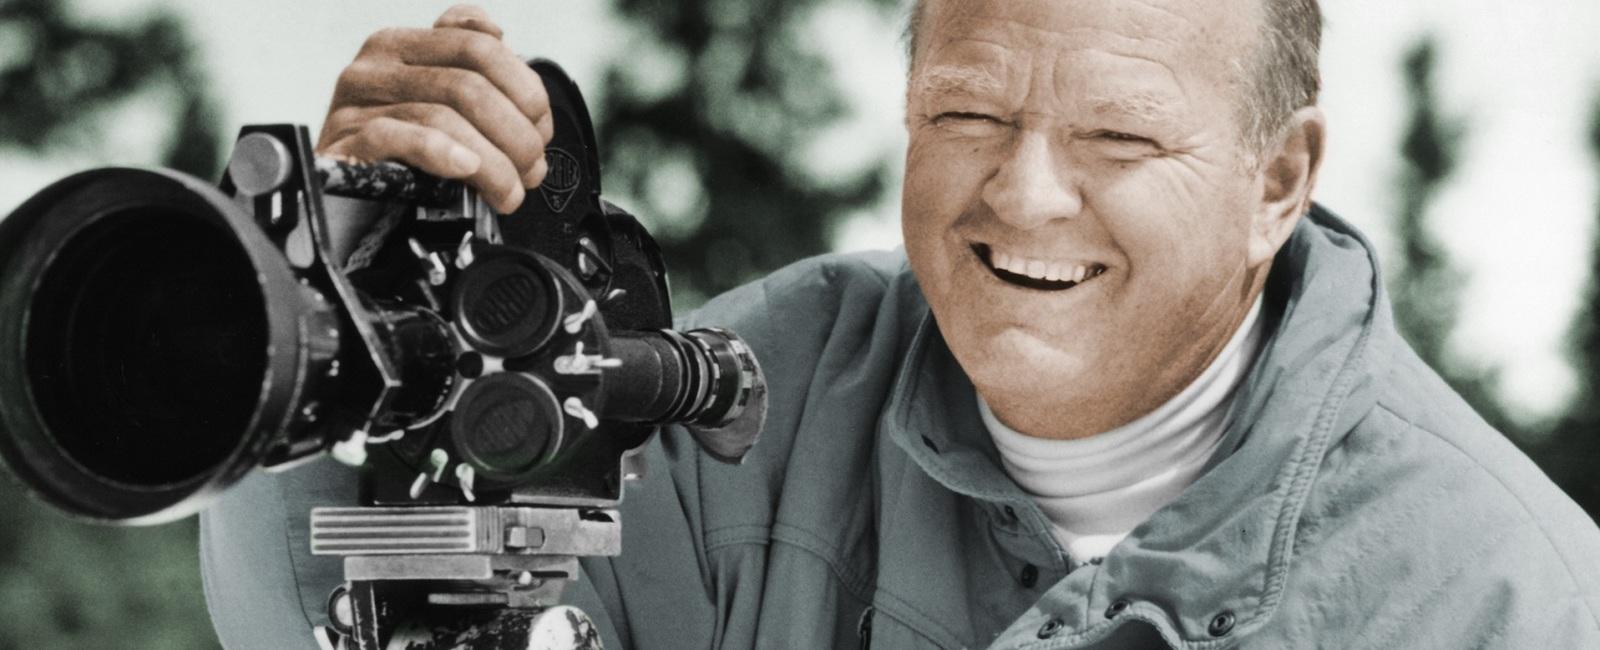 Die Living: Groundbreaking Filmmaker Warren Miller Passes Away at Age 93